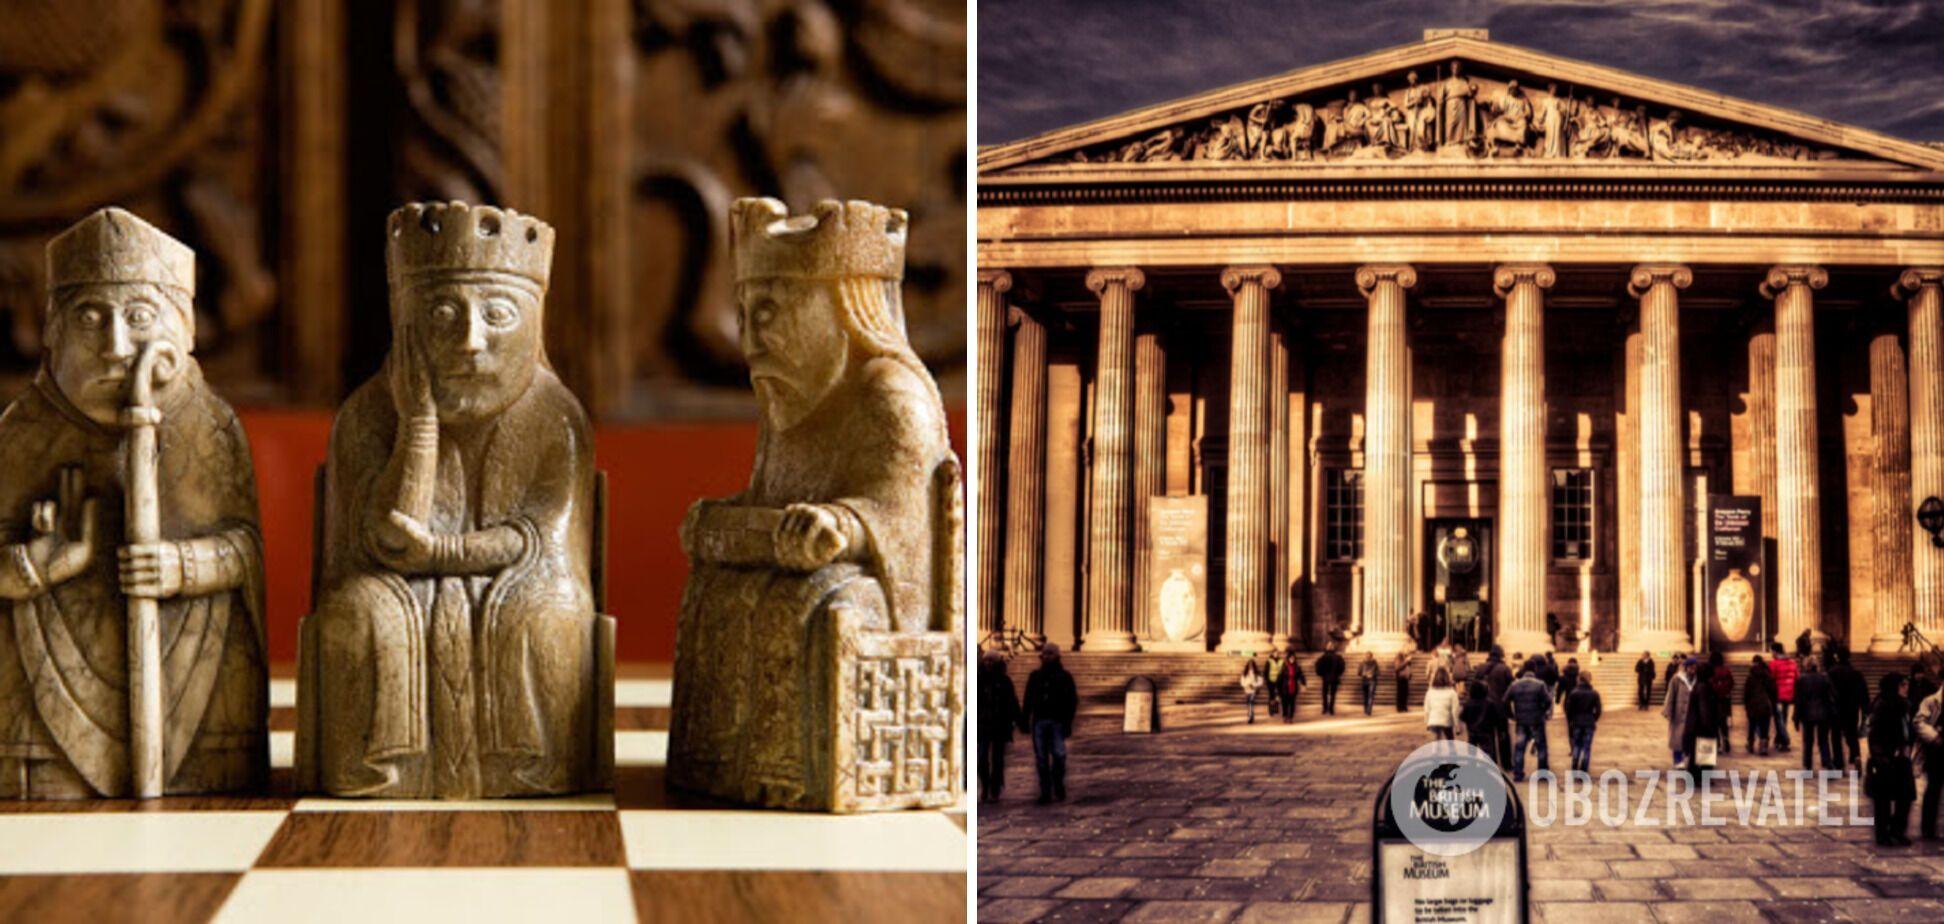 Британский музей иллюстрирует историю развития человечества.